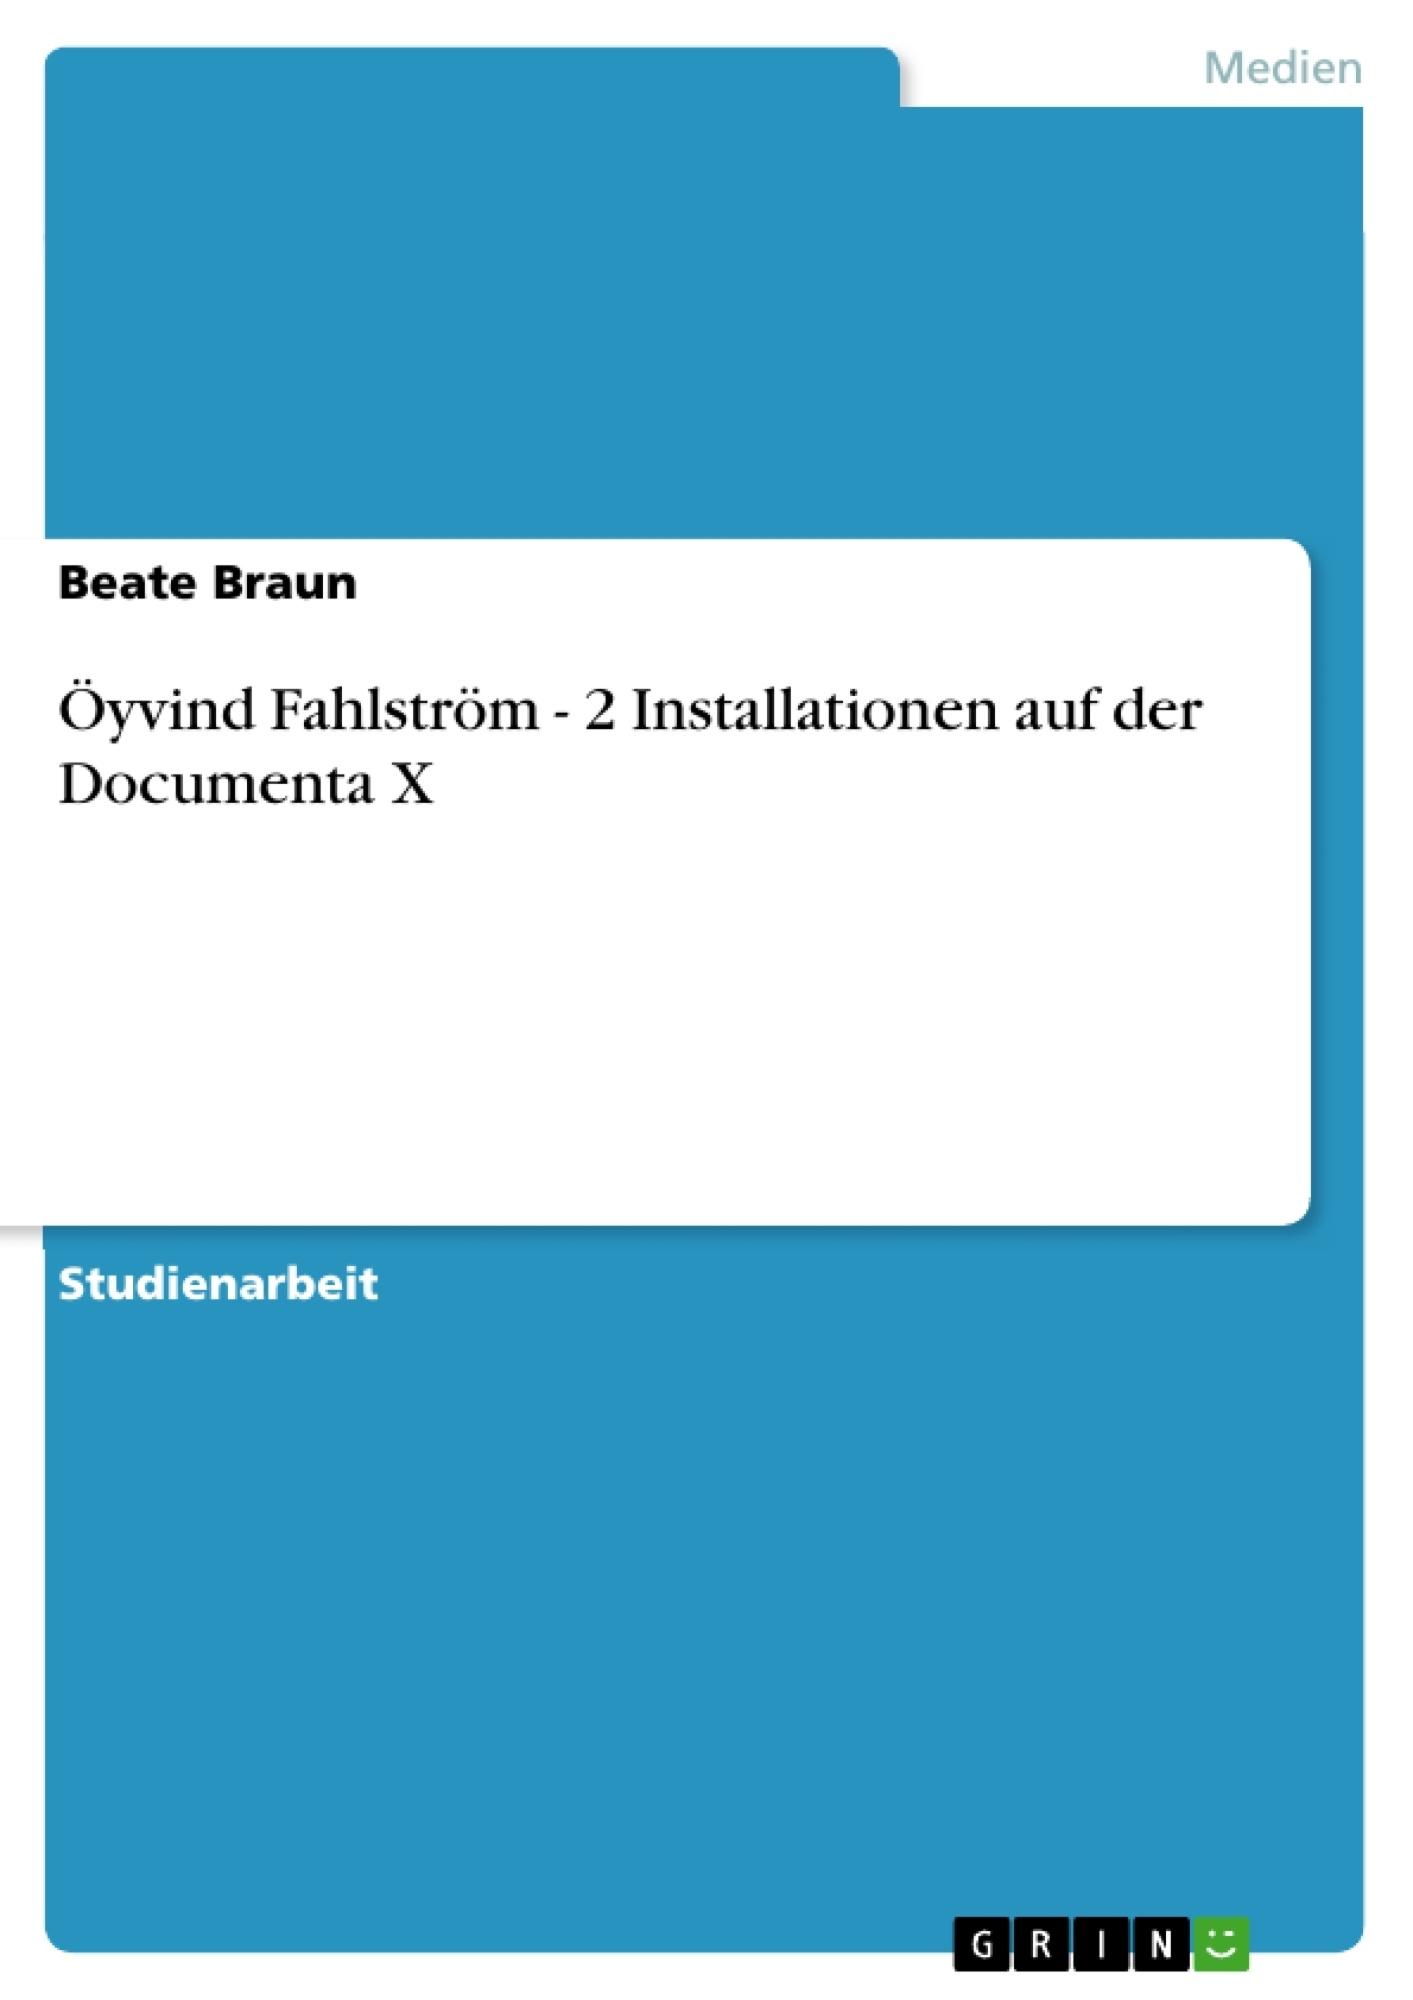 Titel: Öyvind Fahlström - 2 Installationen auf der Documenta X